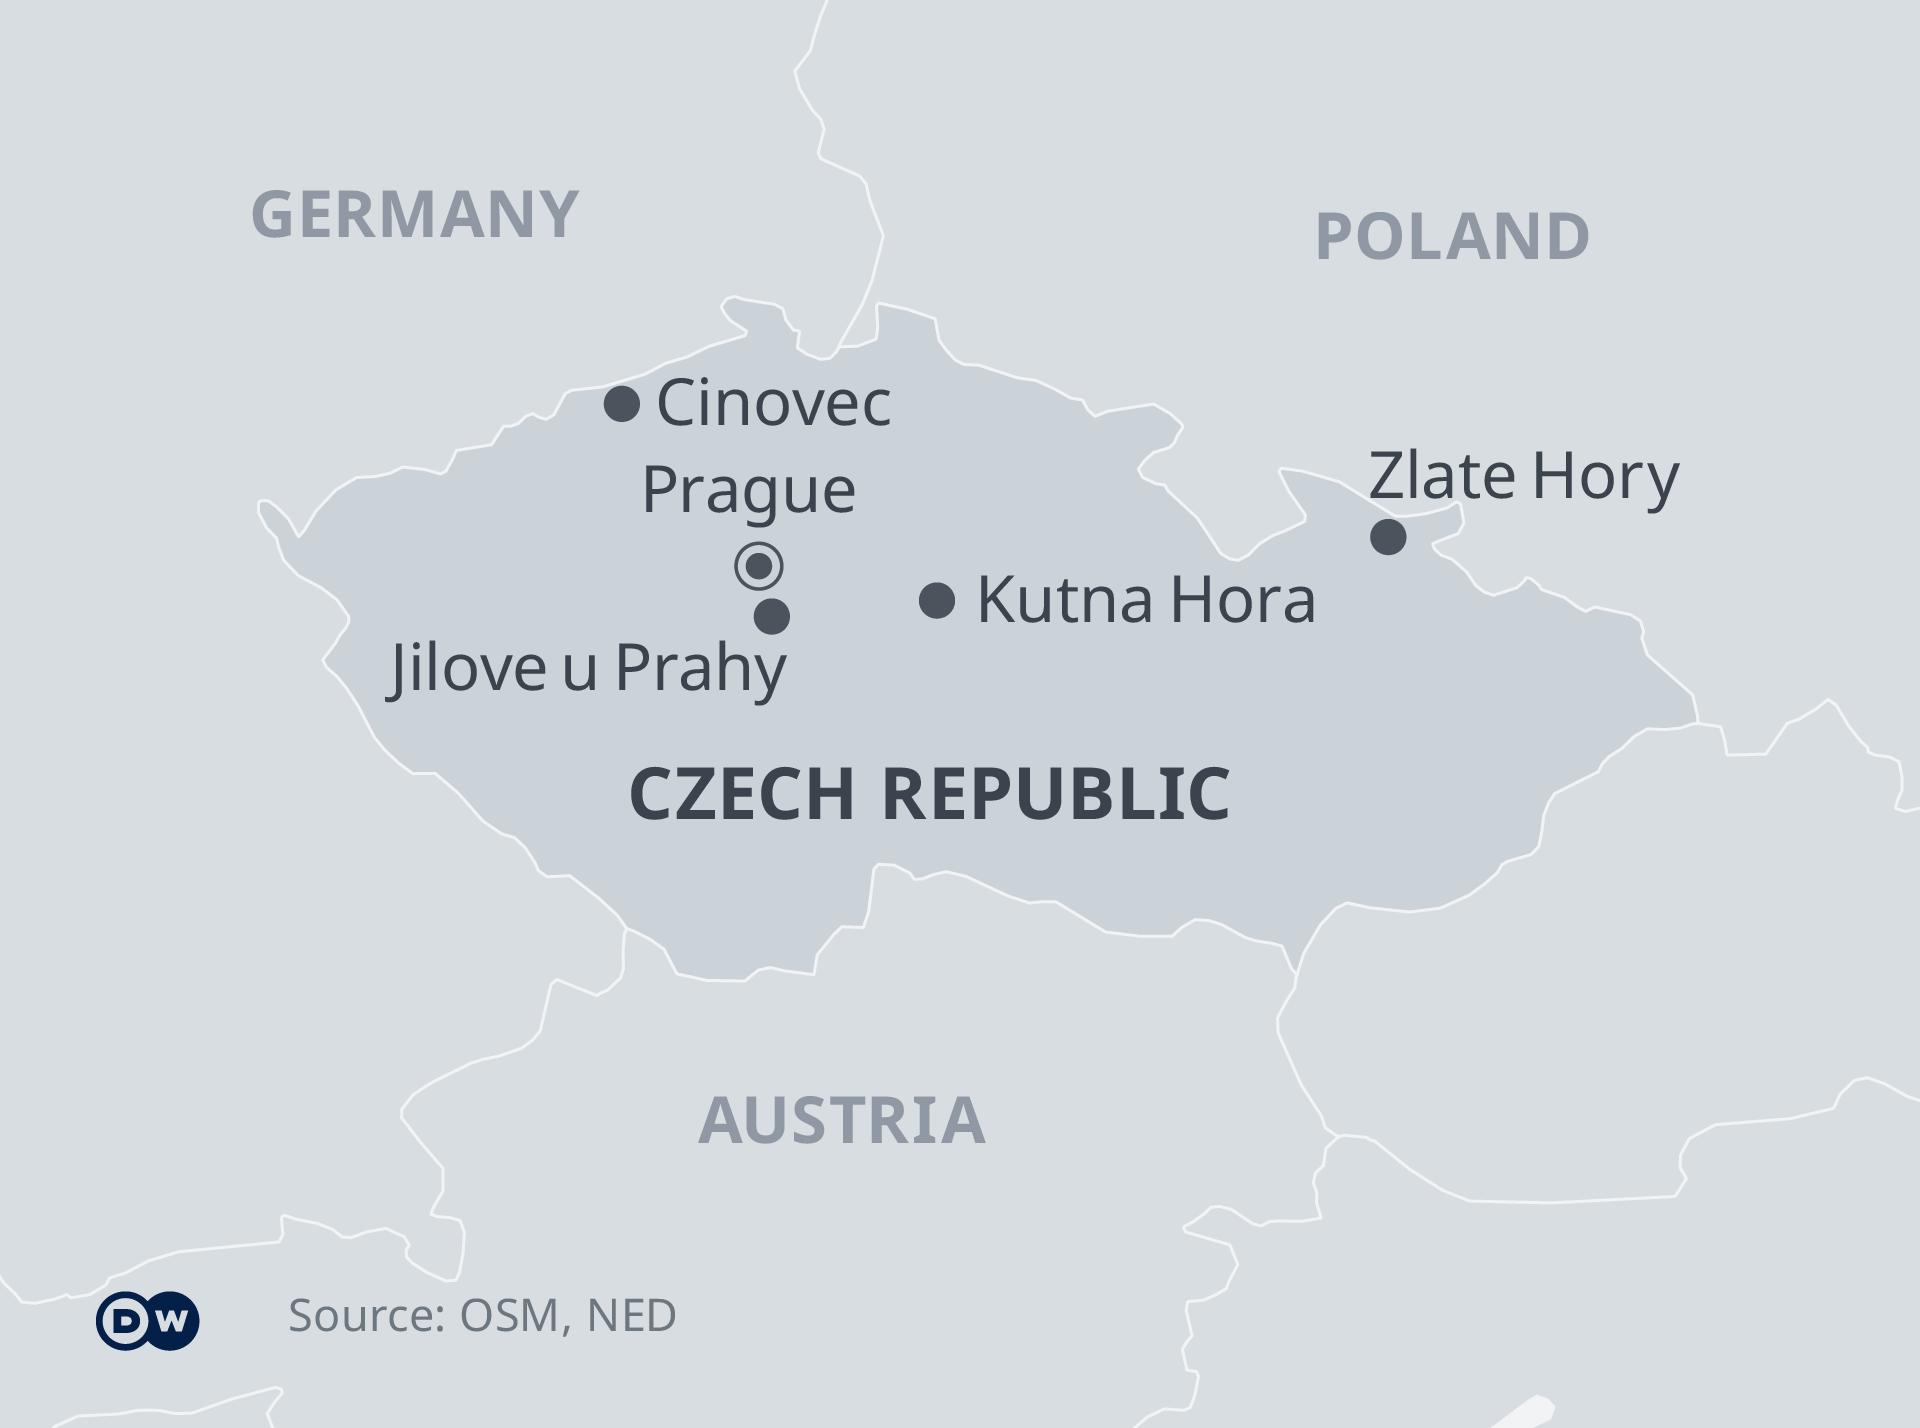 Je uvedena mapa České republiky s klíčovými místy